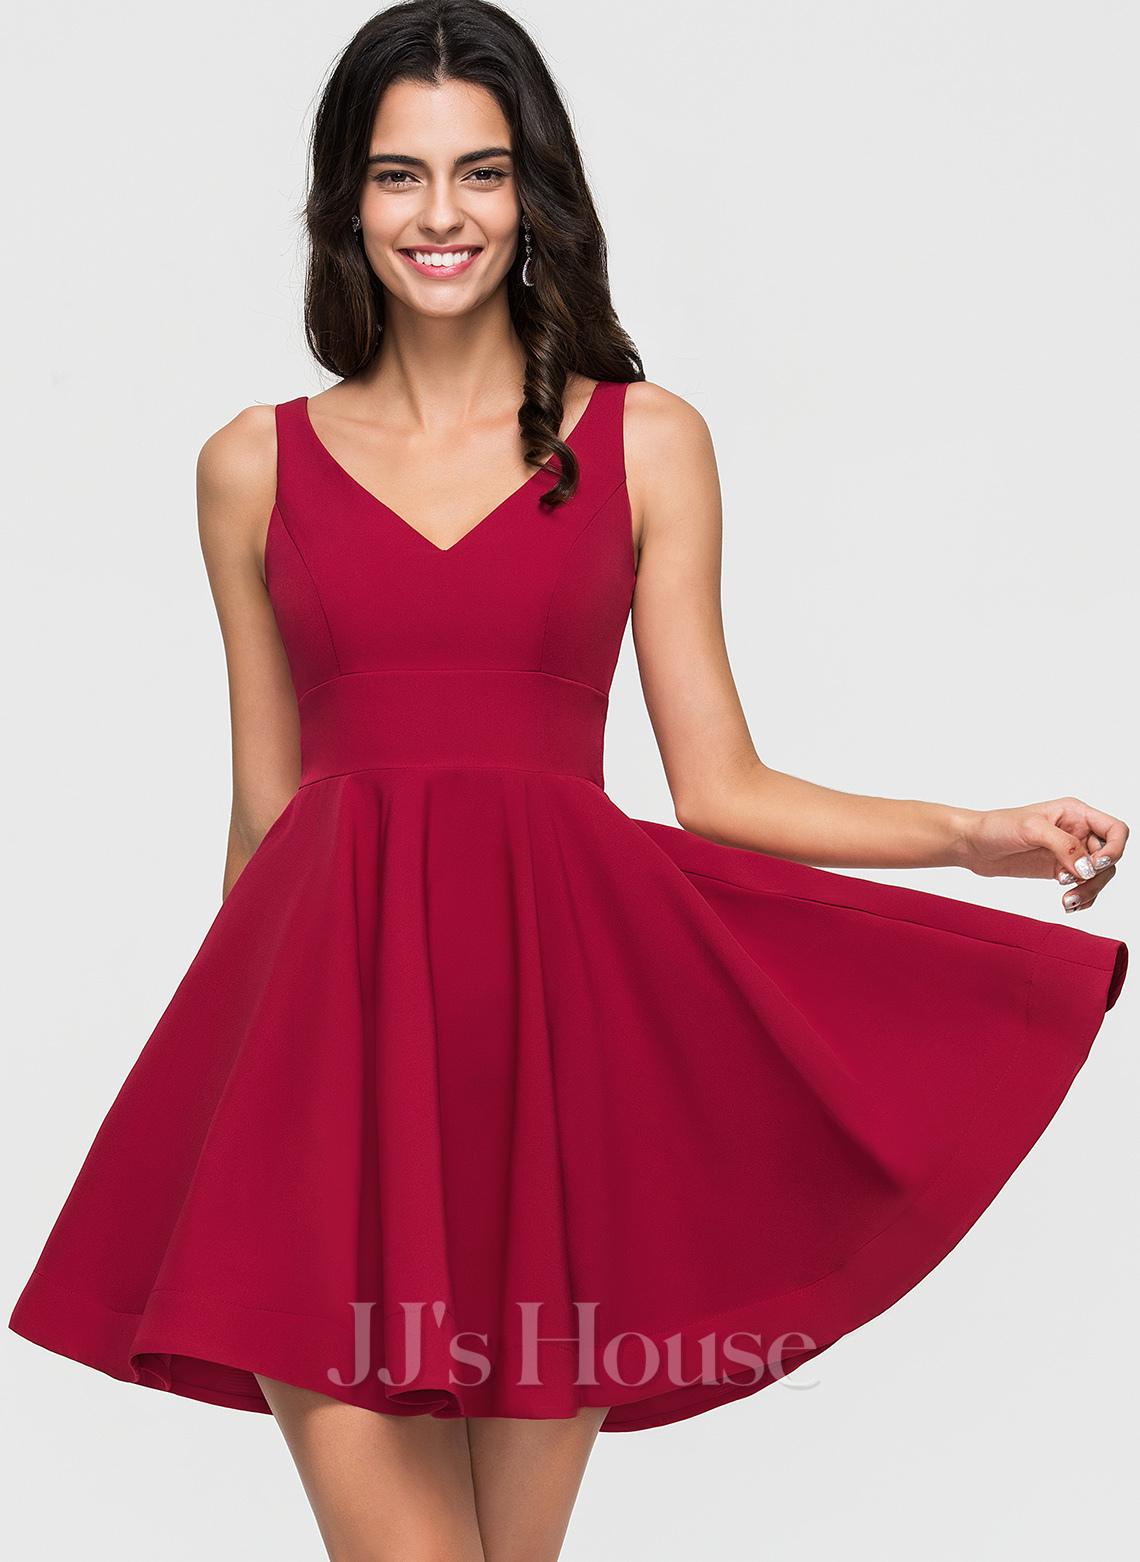 A-Line/Princess V-neck Short/Mini Stretch Crepe Homecoming Dress